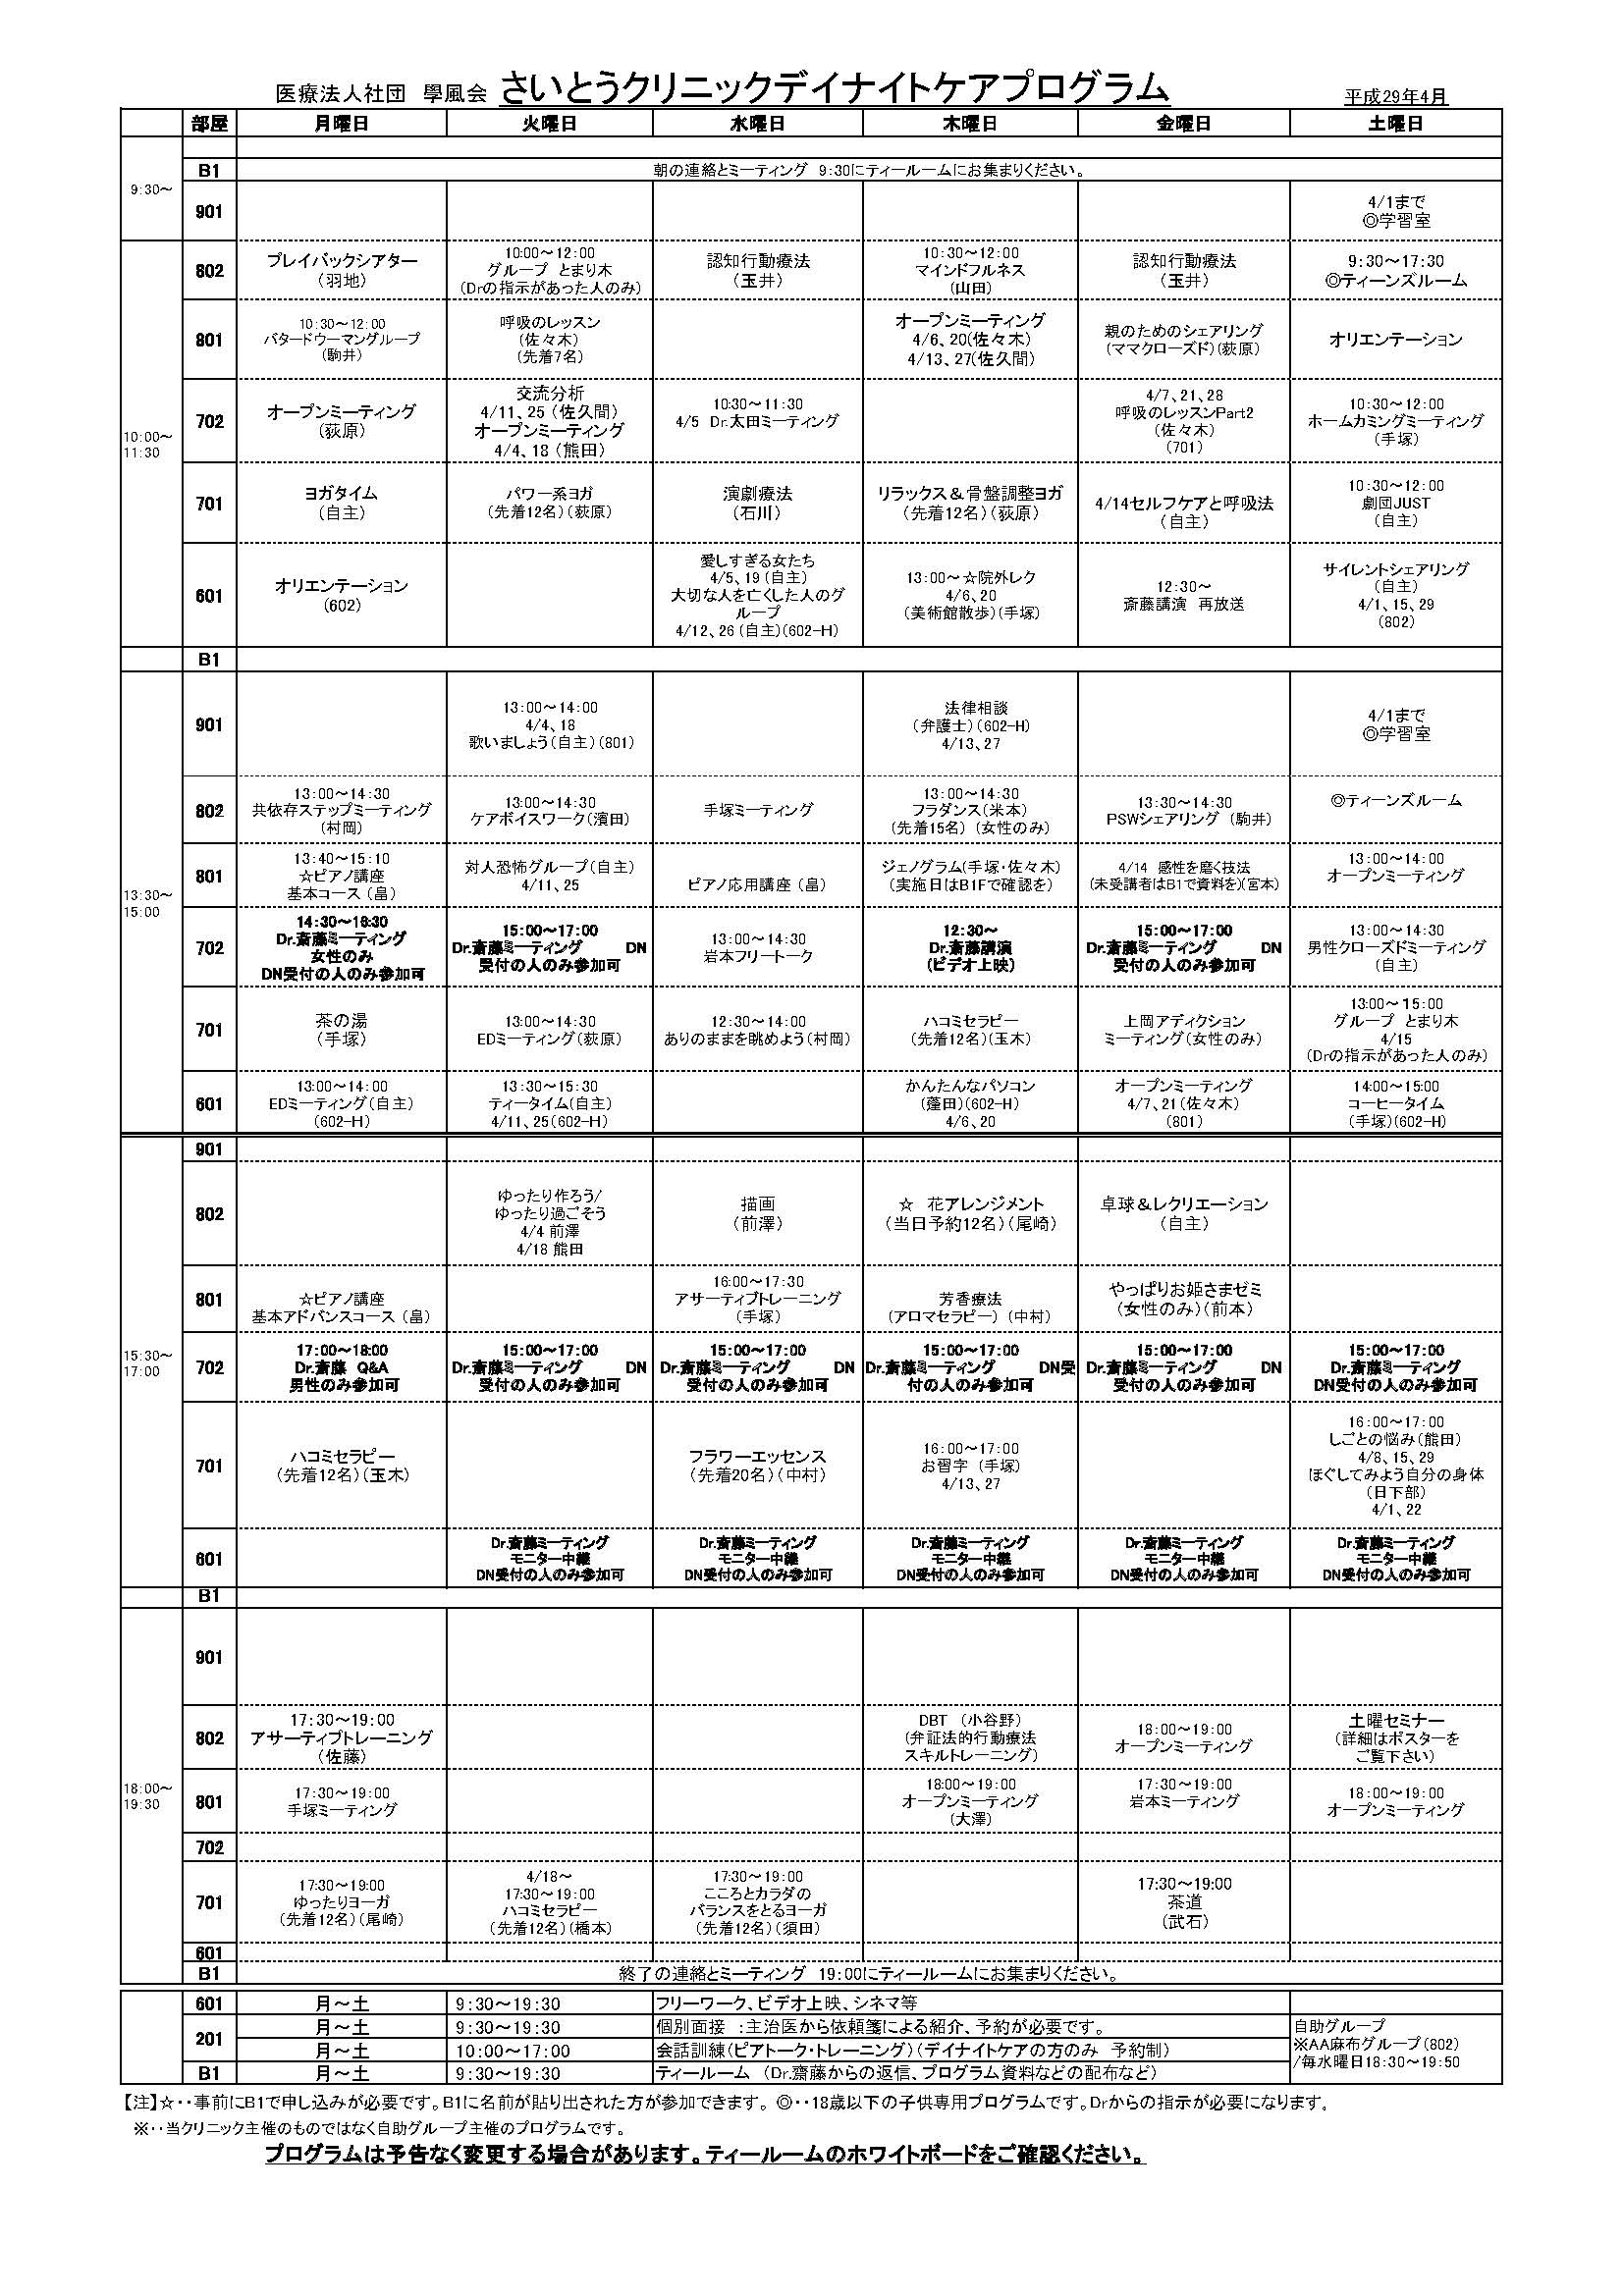 201704月プログラム表